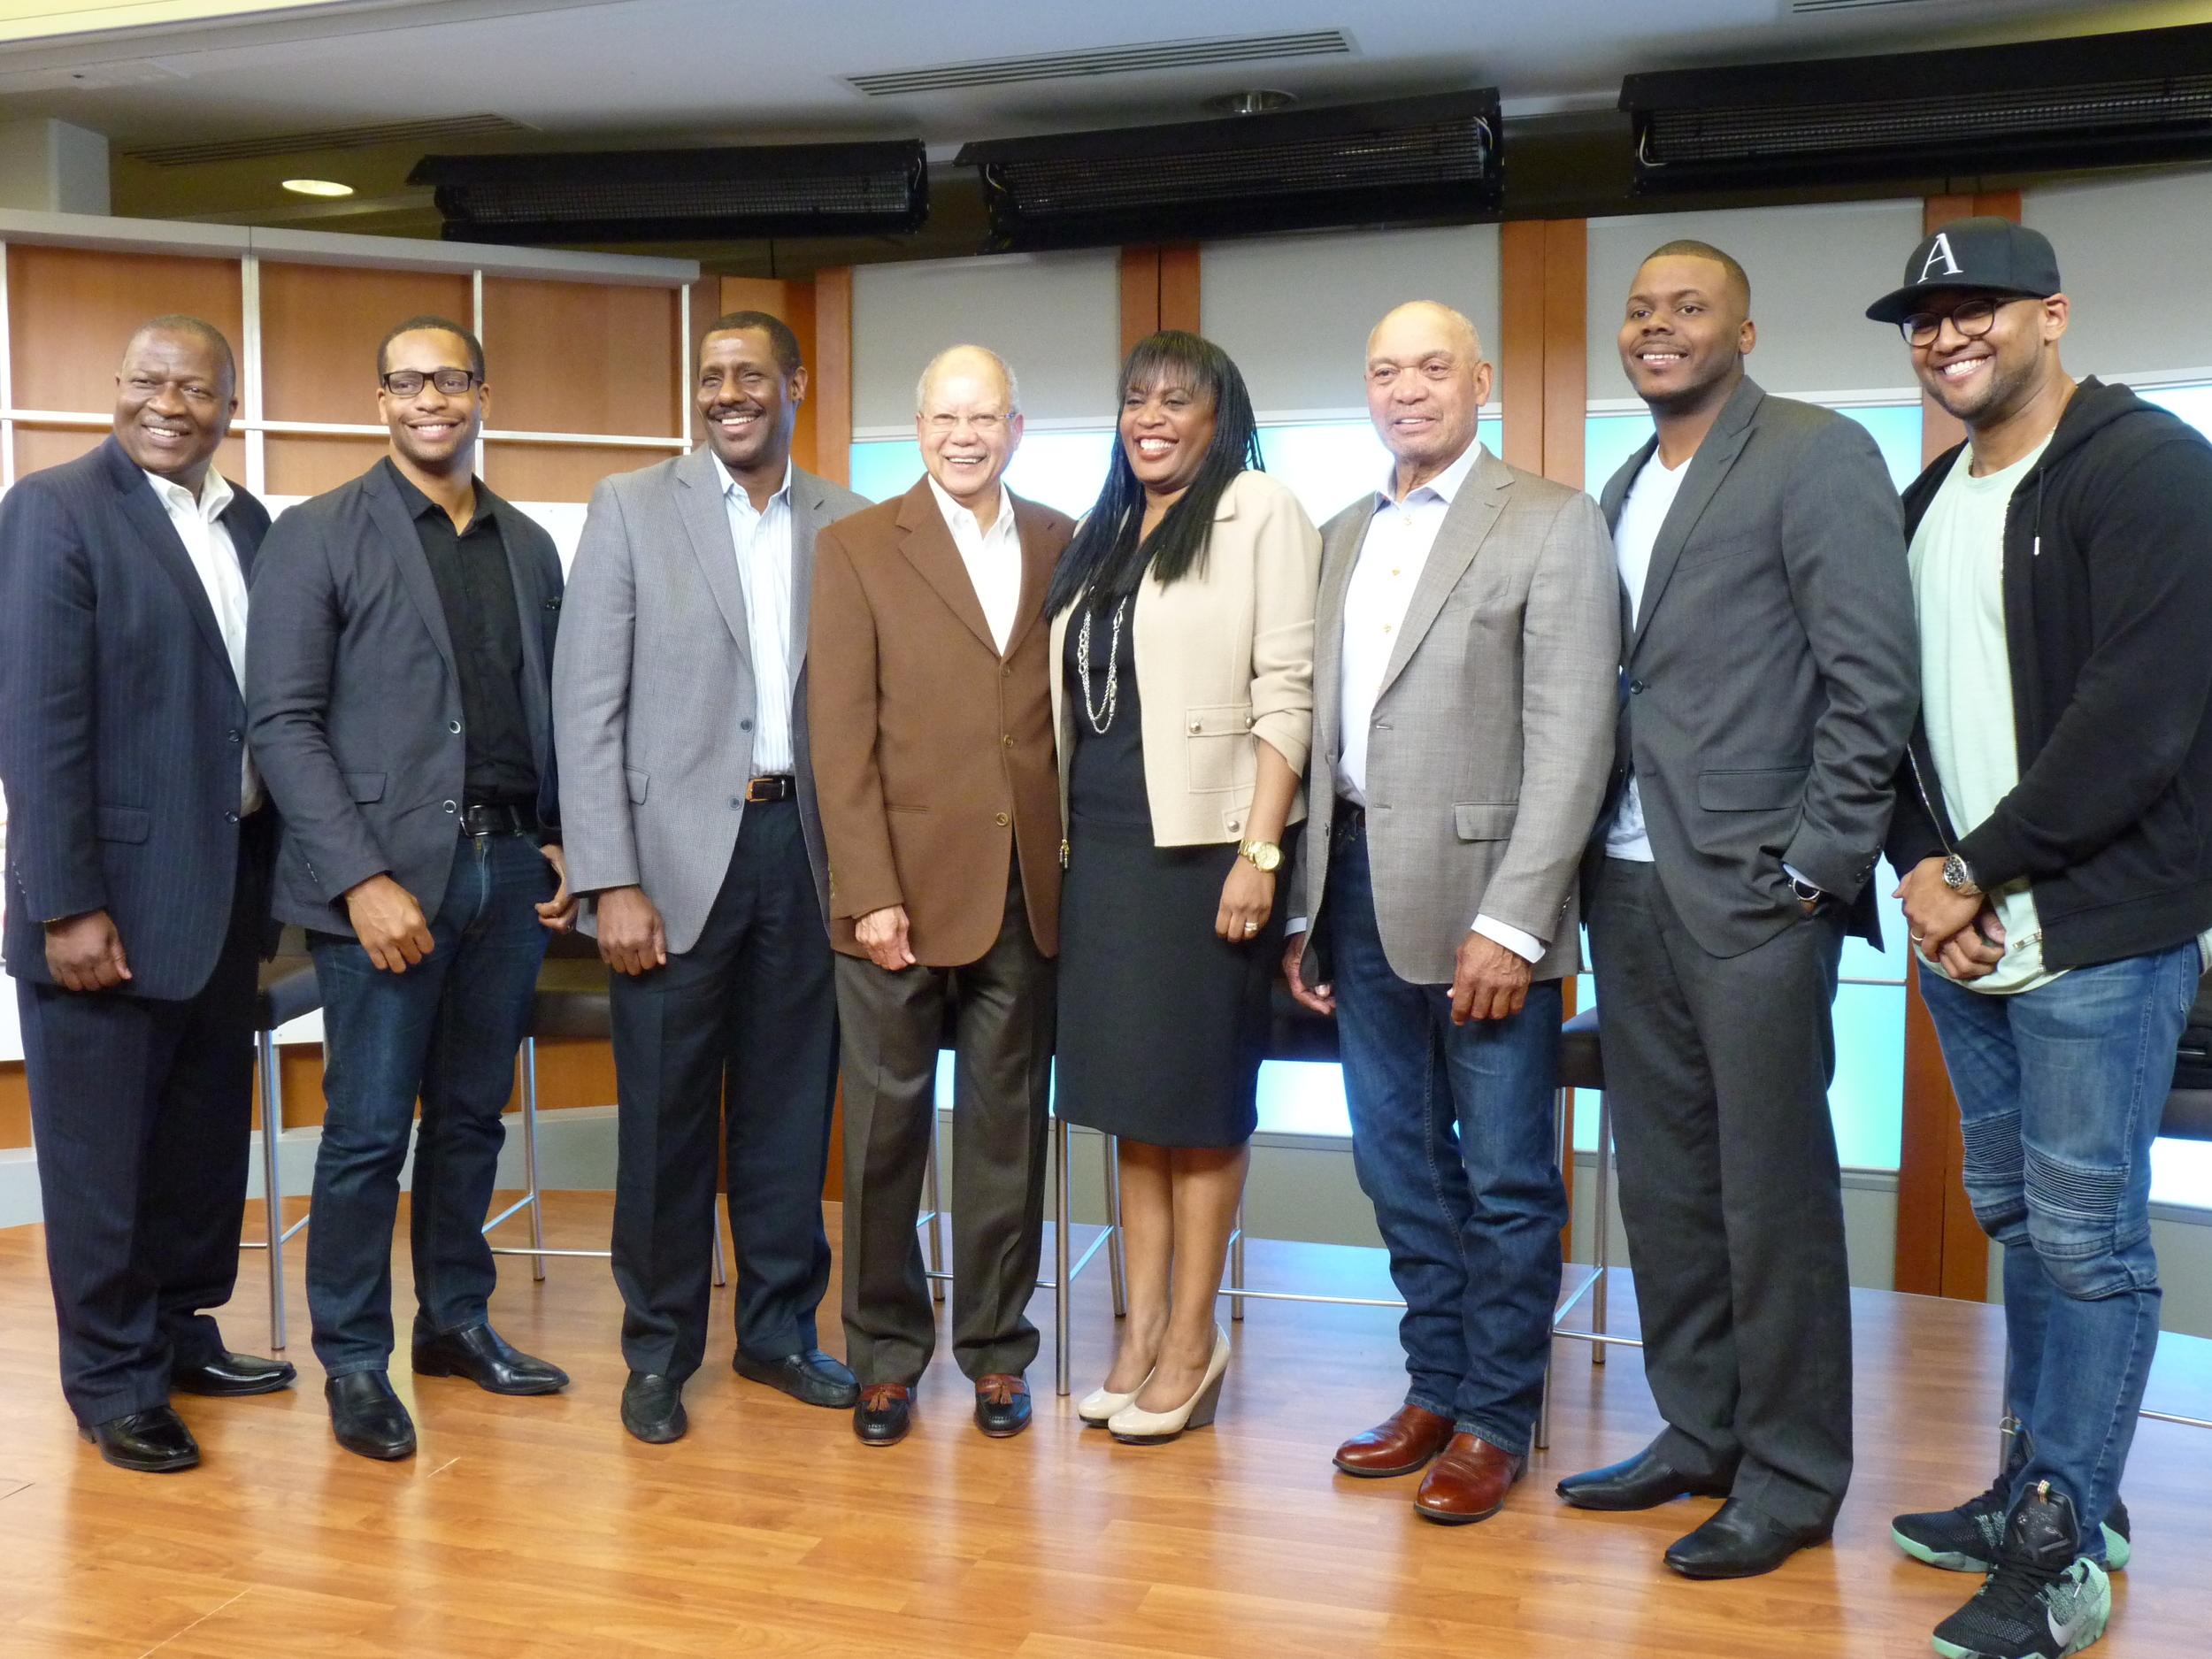 SAP panel discussion participants.